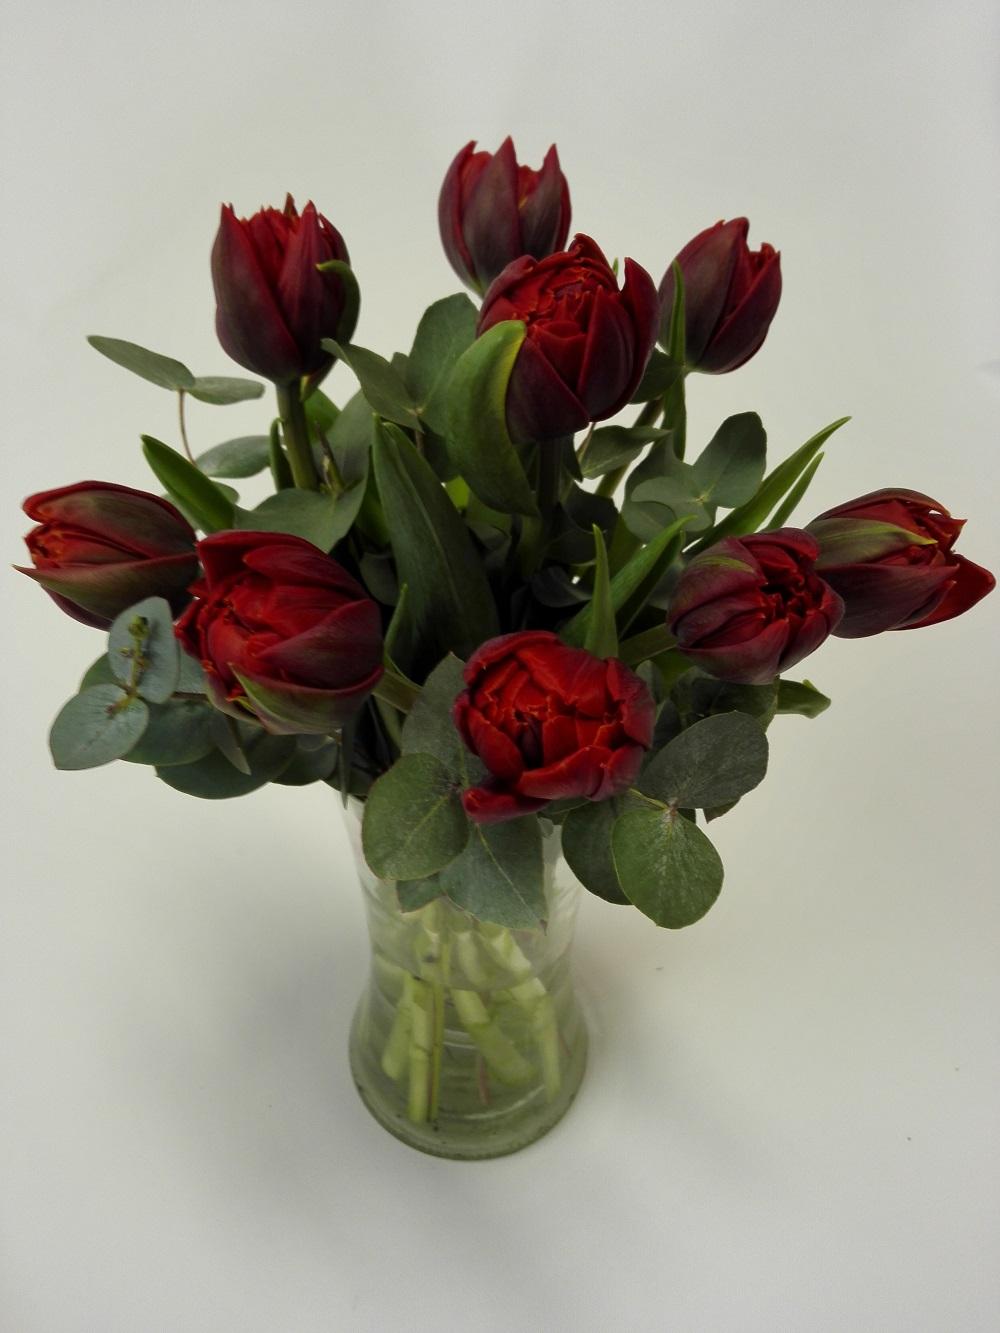 plnokvěté tulipány 9 ks - doručení květin v Olomouci a okolí